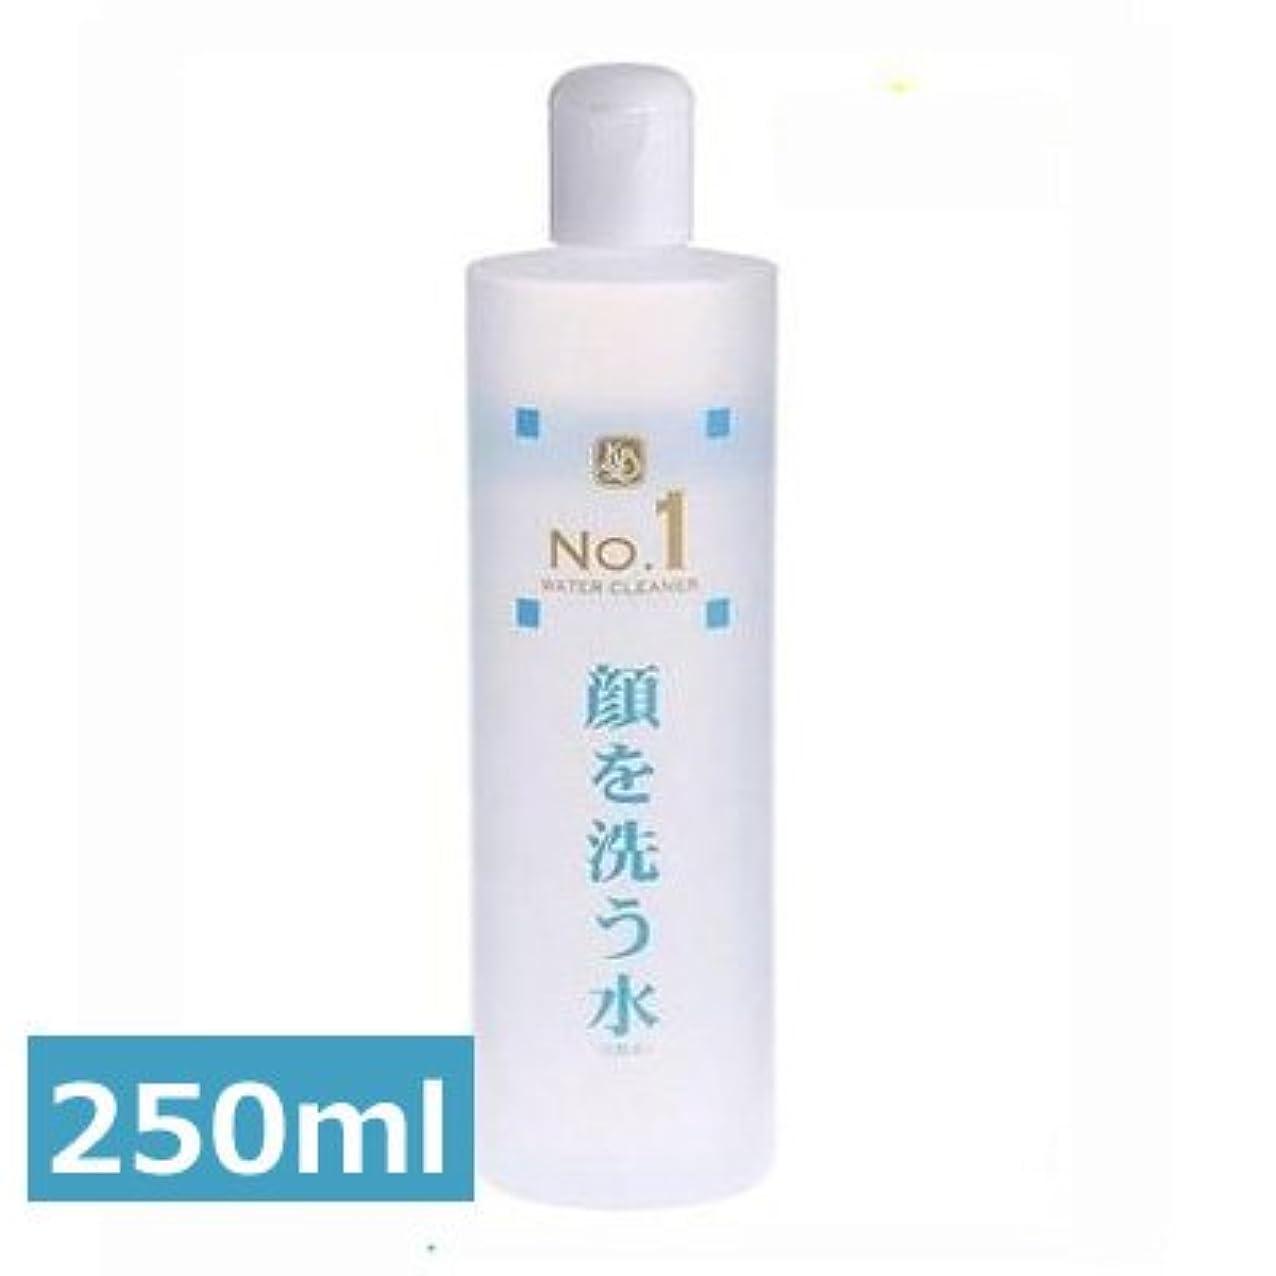 綺麗な磨かれた枠ウォータークリーナー カミヤマ美研 顔を洗う水 No.1 250ml 2本セット